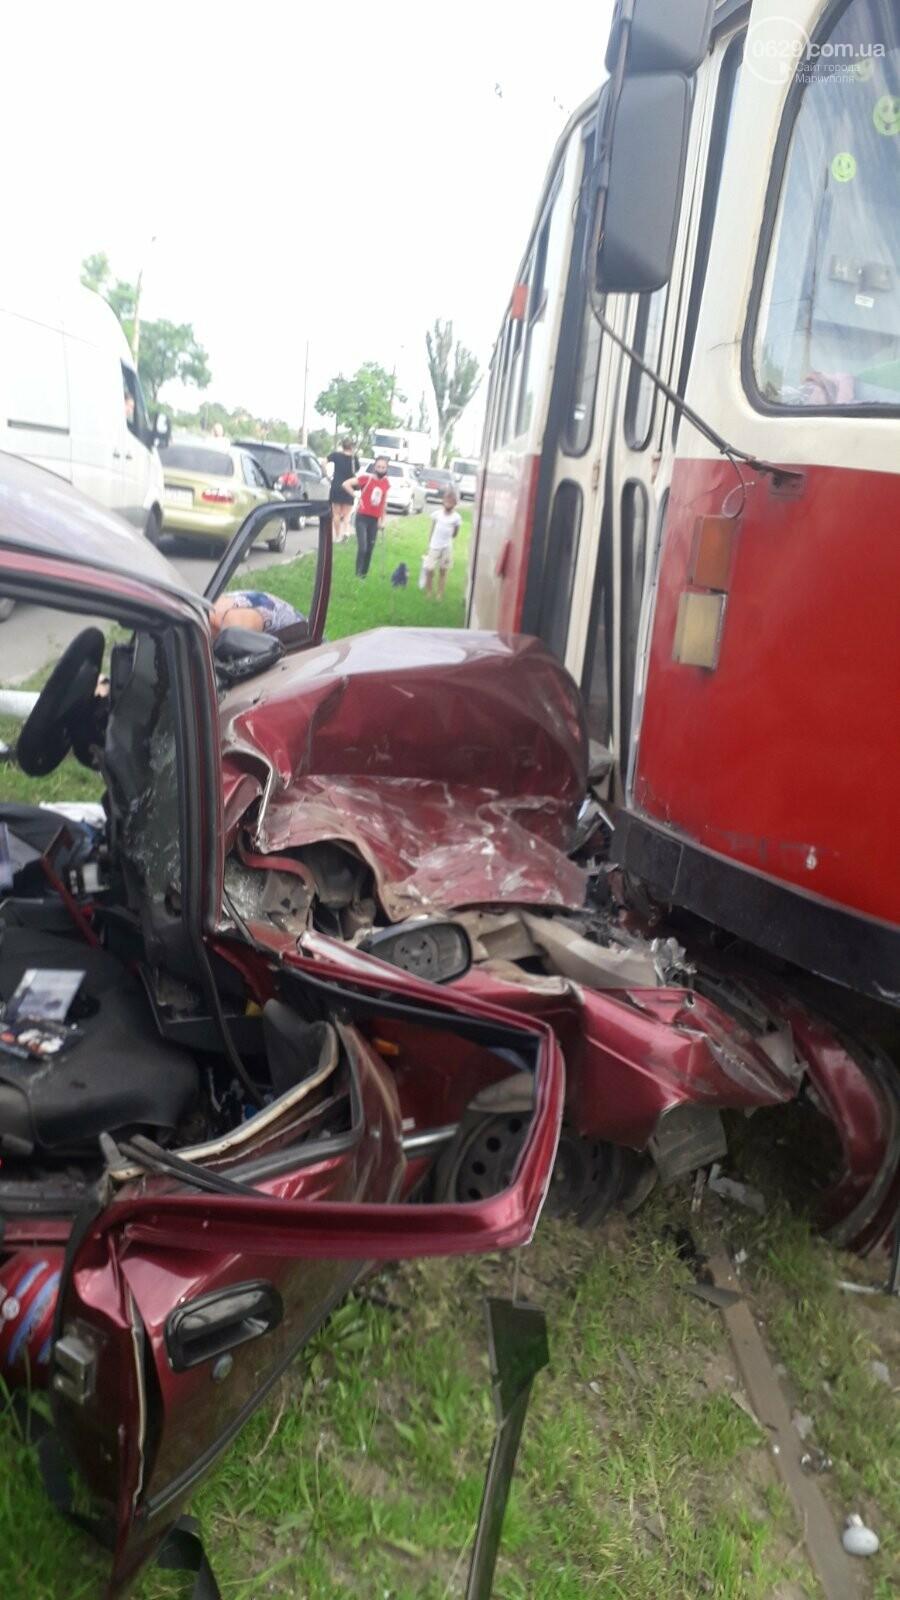 В Мариуполе Daewoo влетел в трамвай. Водитель легковушки серьезно пострадал, - ФОТО, фото-11